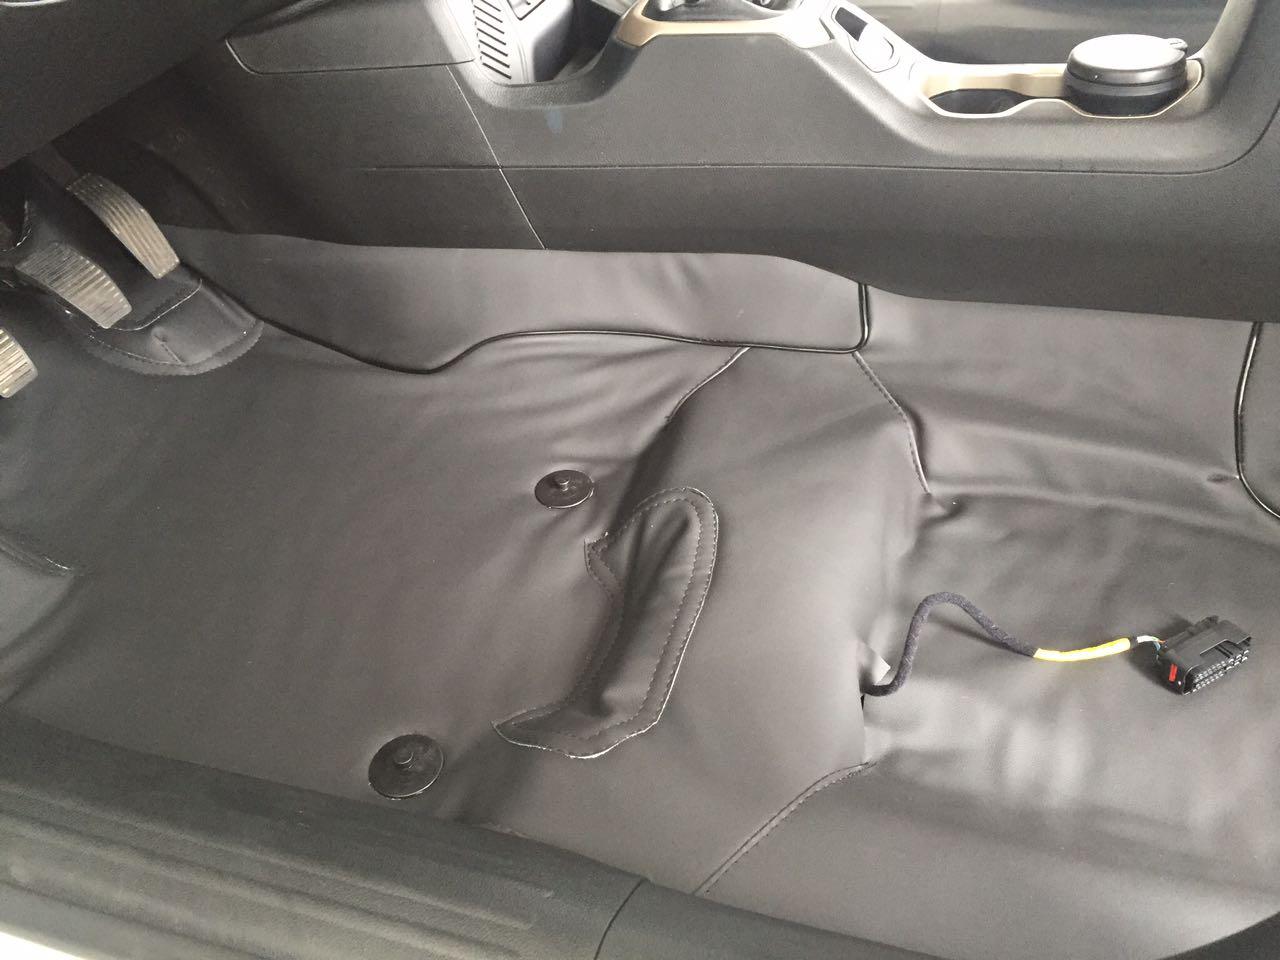 Forro Super Luxo Automotivo Assoalho Para Hilux Sw4 2005 a 2018